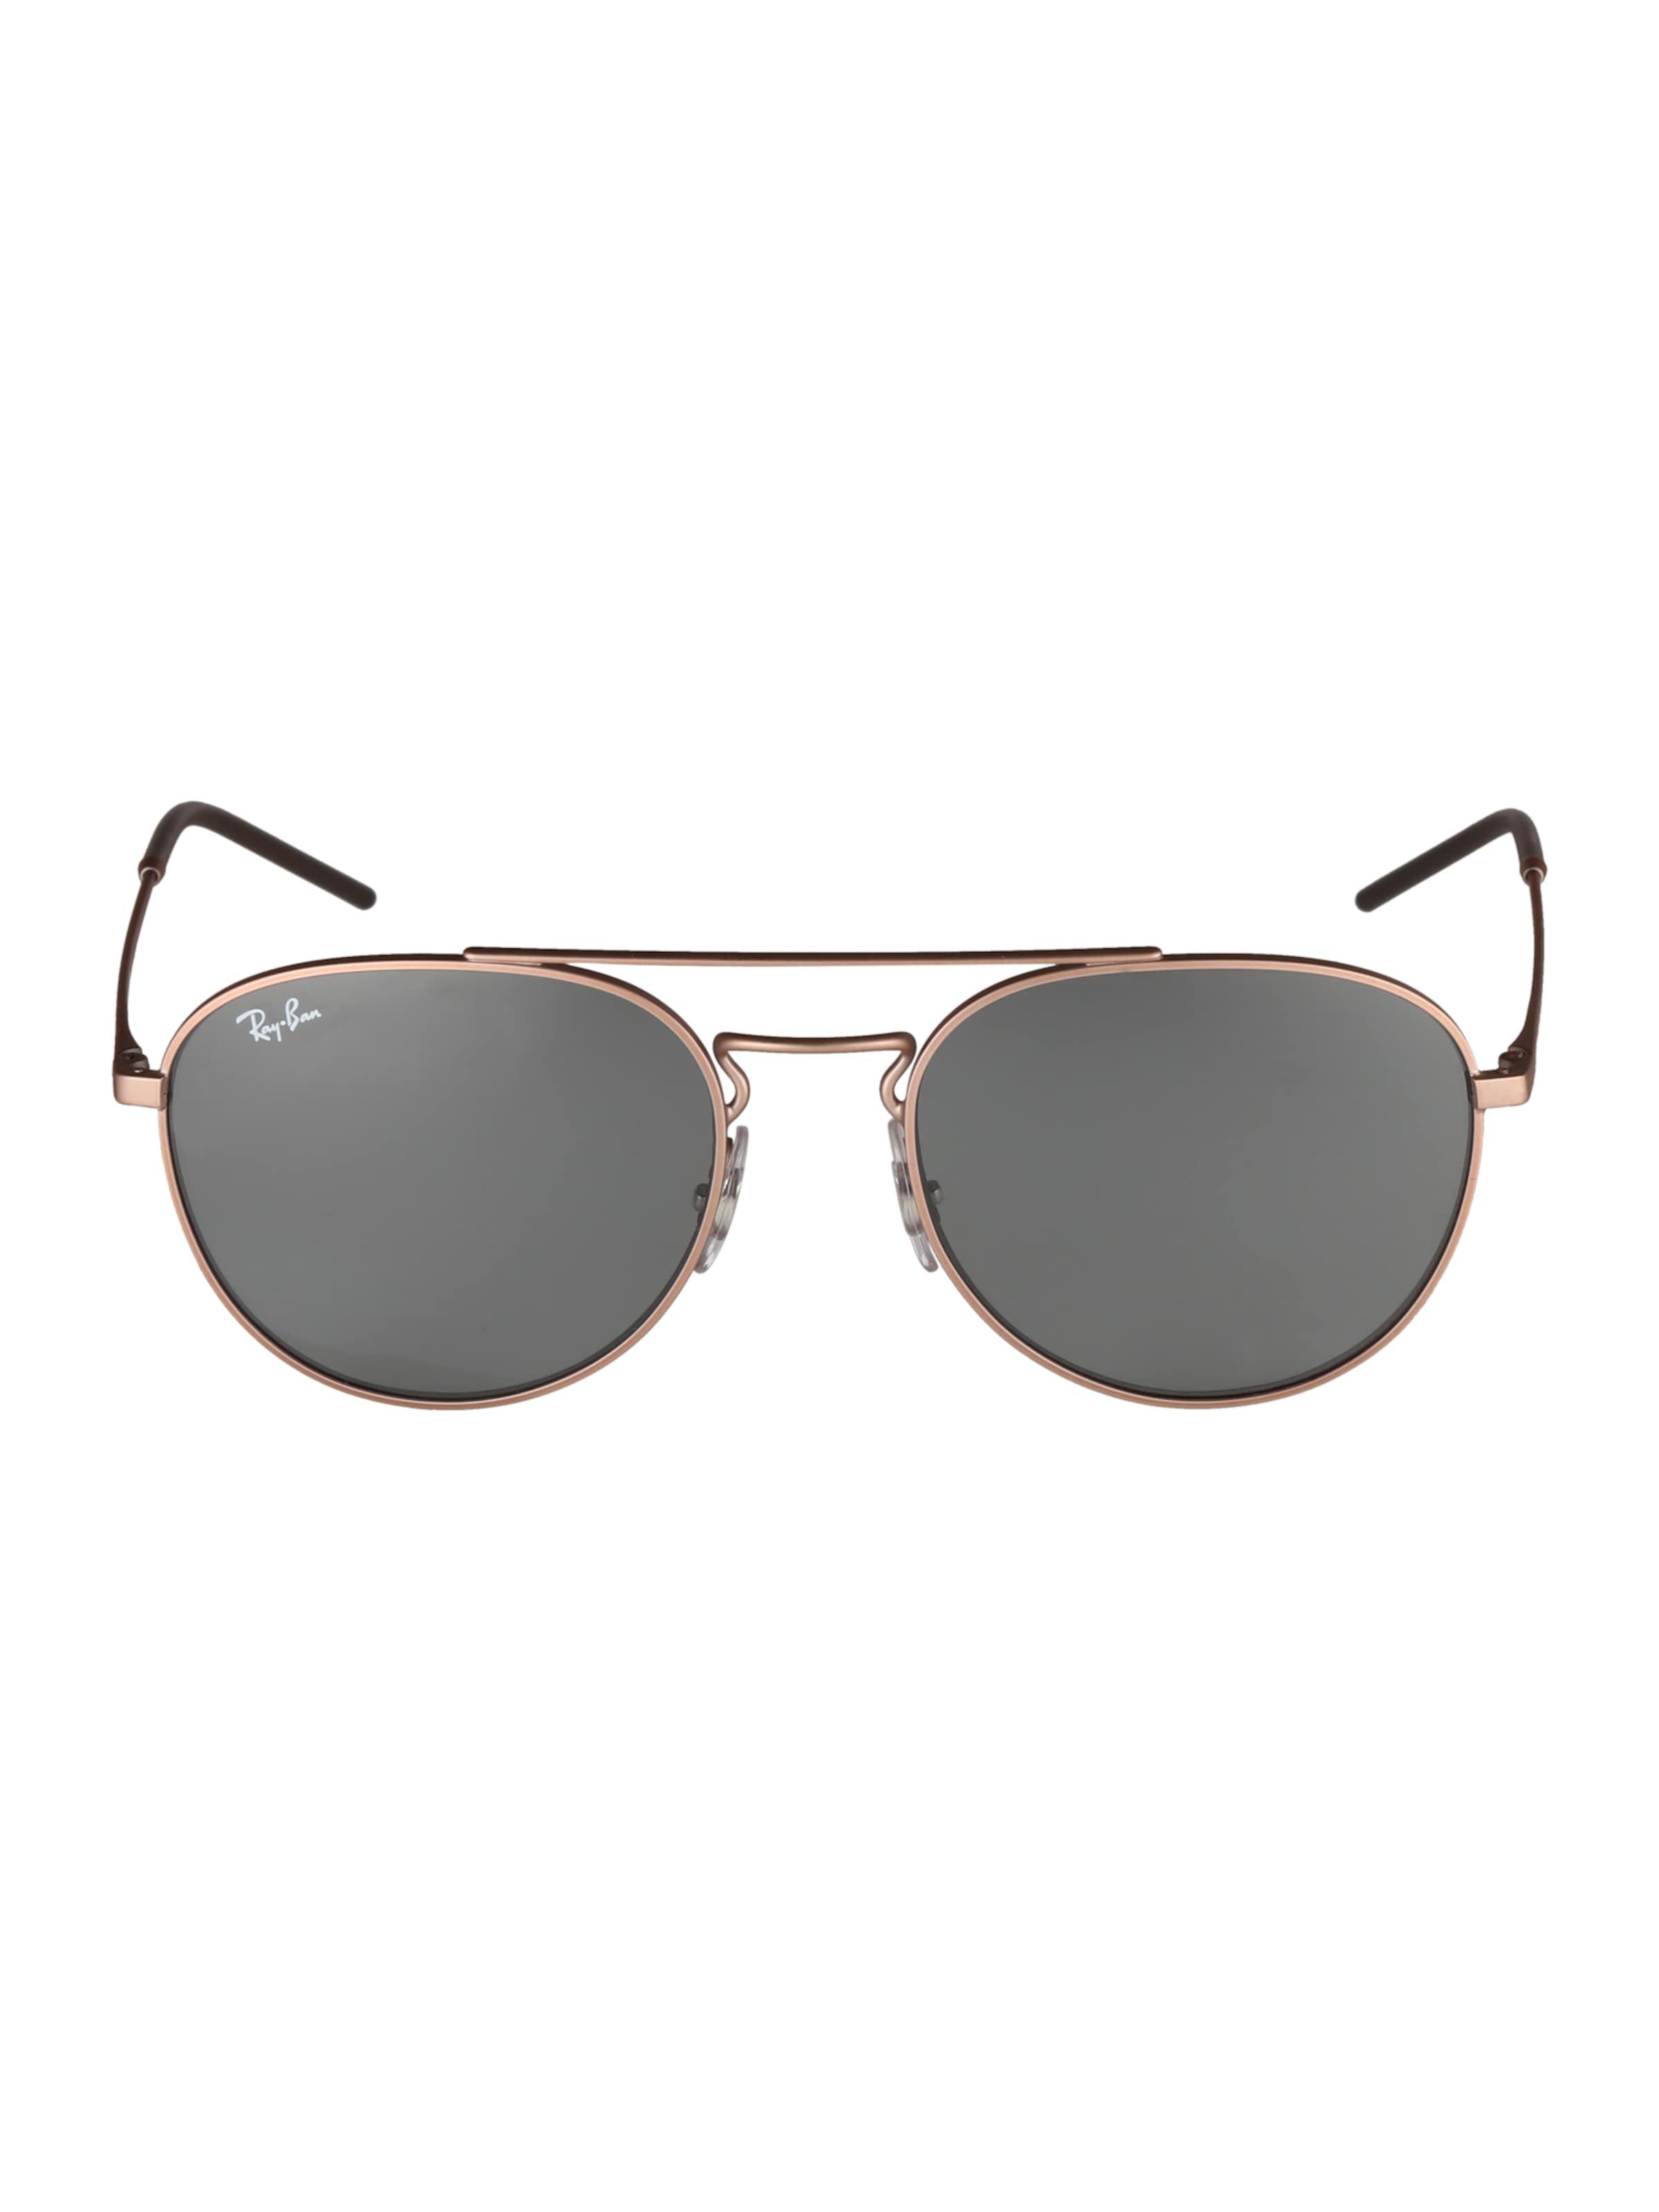 Ray ban ban ban Pilotenbrille In Pilotenbrille Gold Ray Gold In Ray In Pilotenbrille TF3u1KlJc